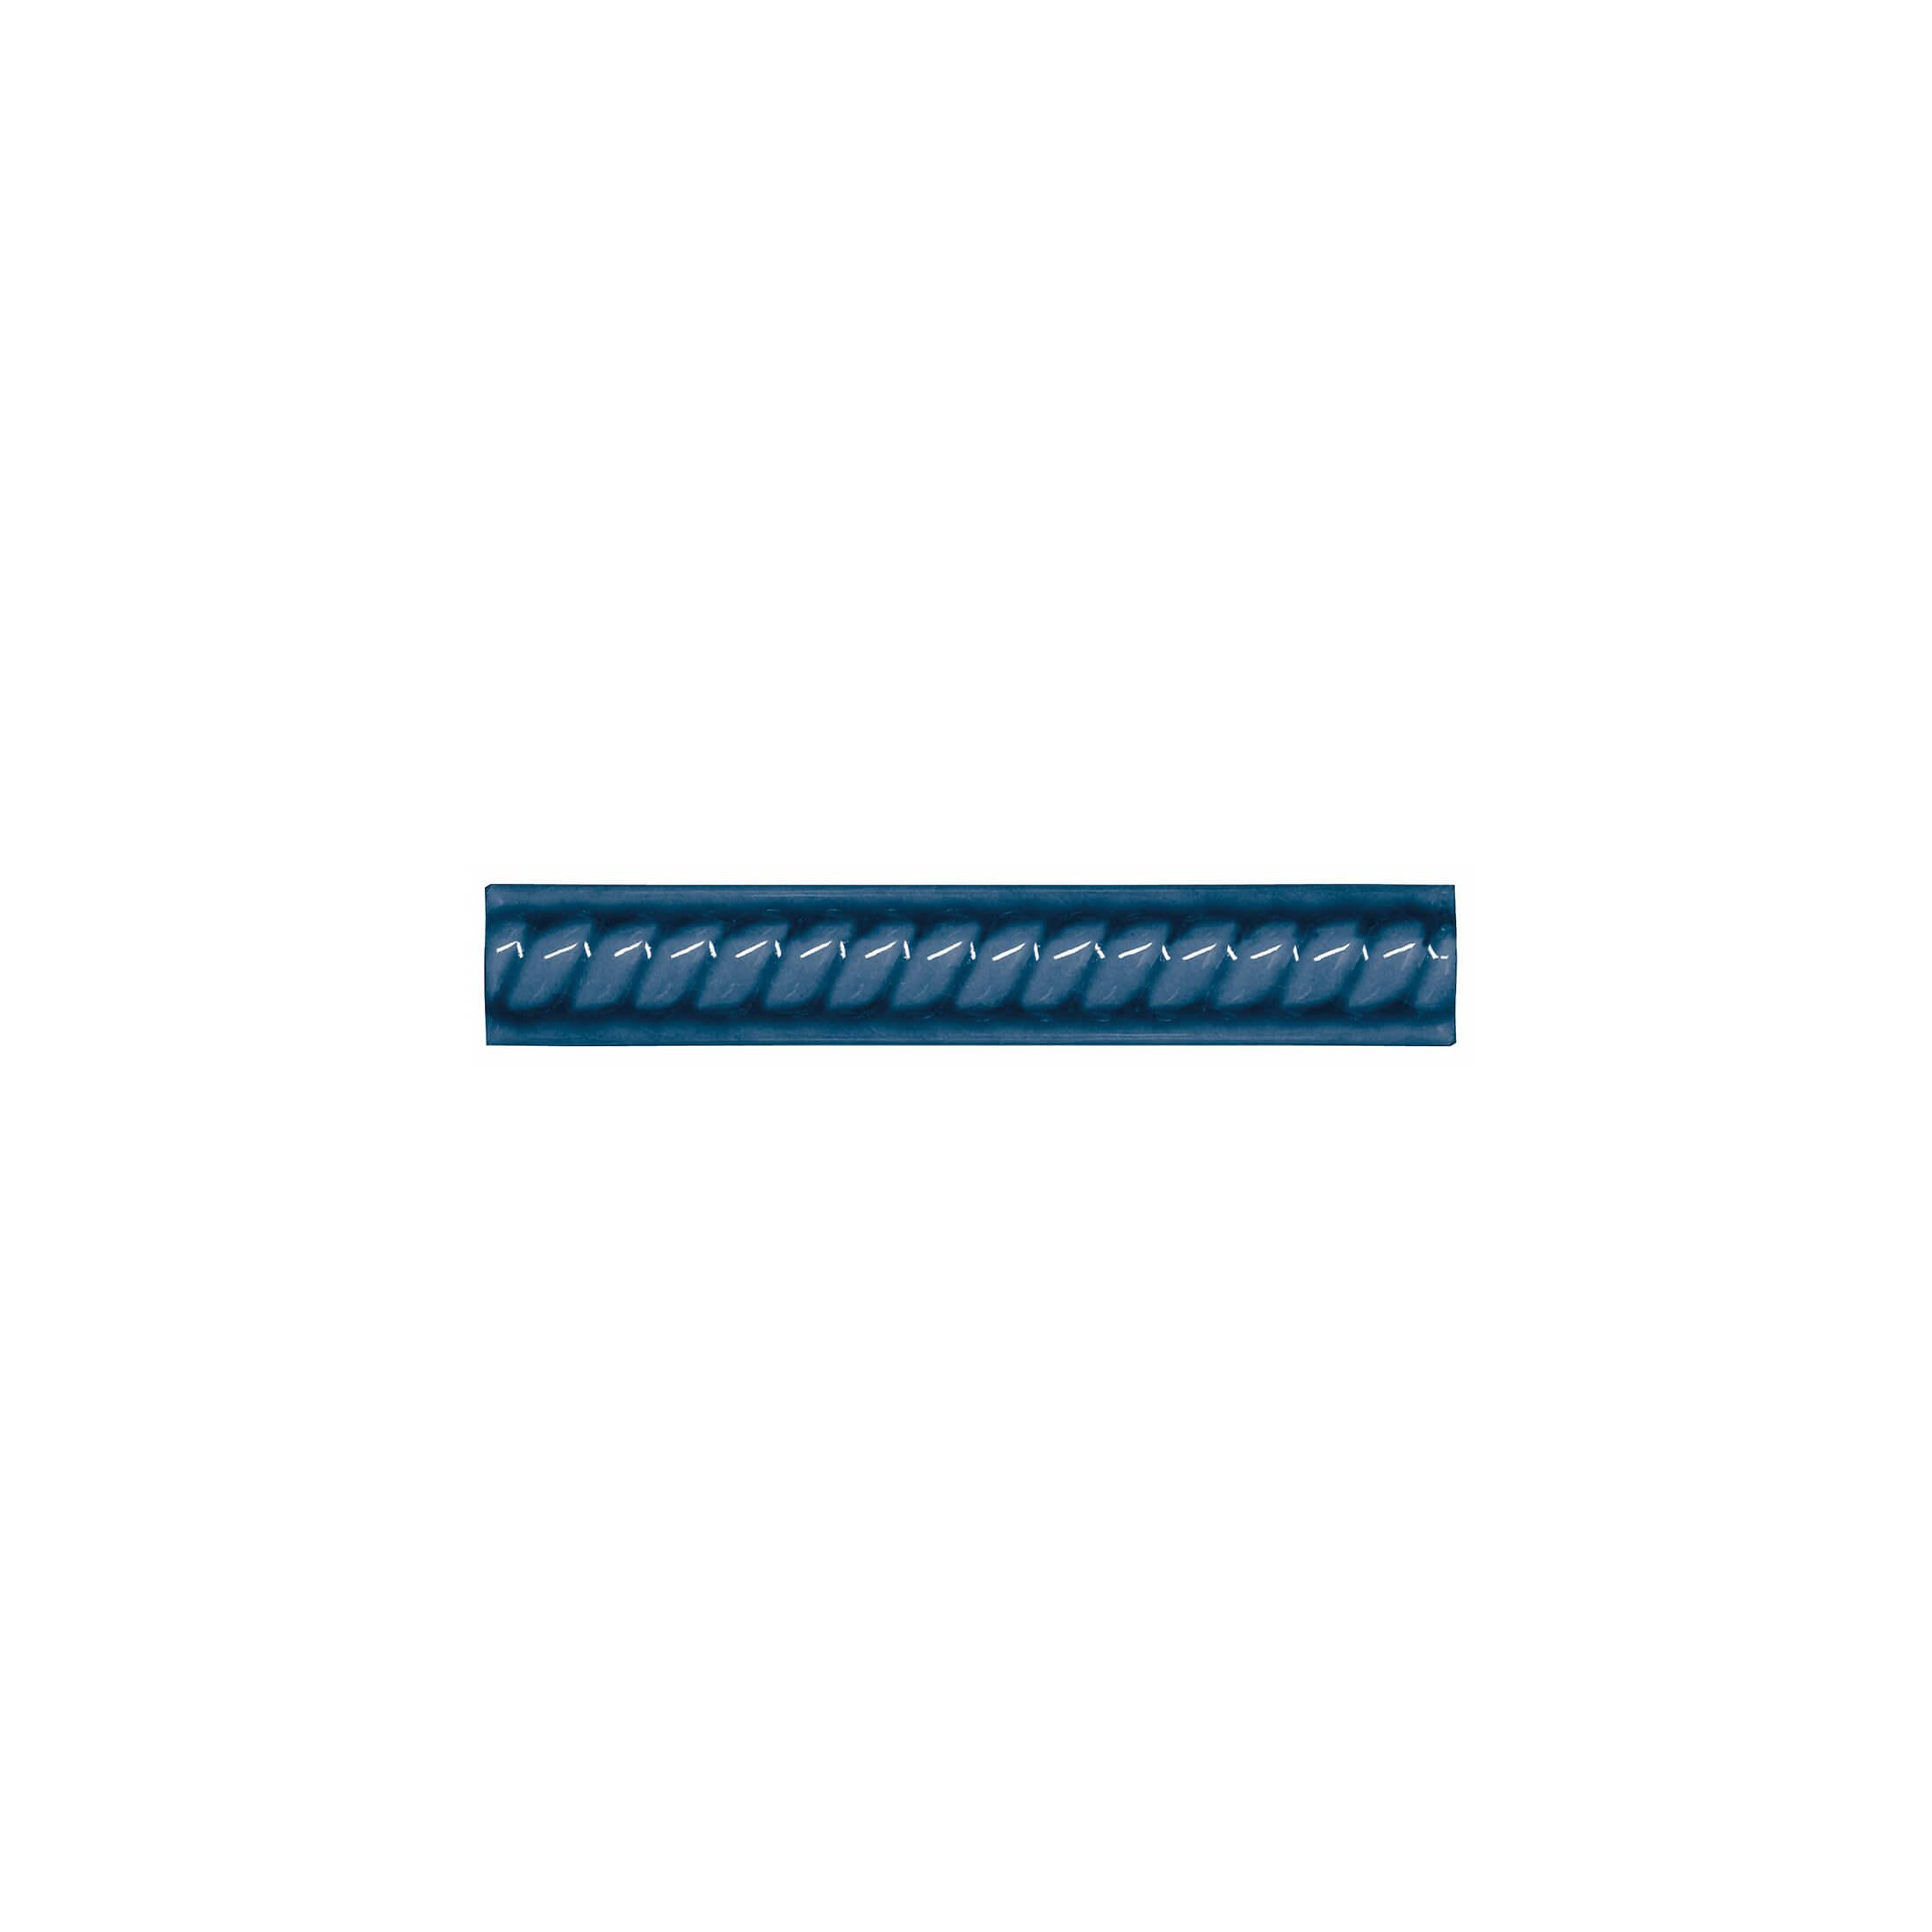 ADMO5183 - TRENZA PB C/C - 2.5 cm X 15 cm